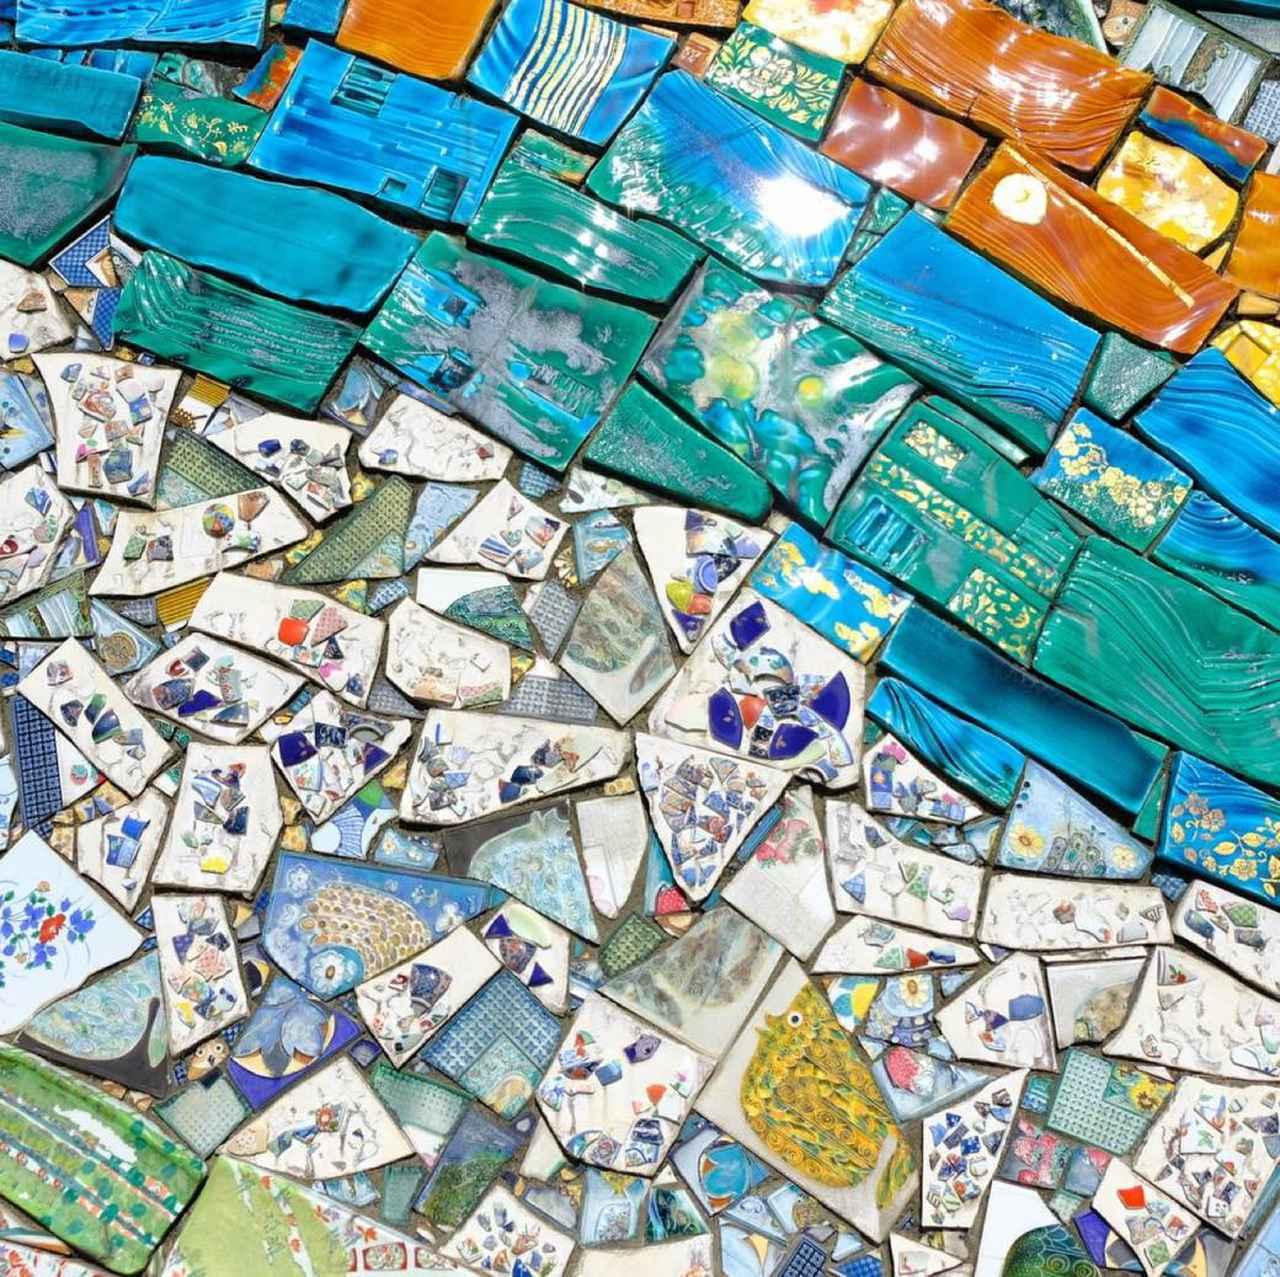 画像: 壁一面に破片を並べた、記事のトップ画像にも使った壁アート。遠くから見ると一枚の絵画のよう、近くで見るとひとつひとつの色の繊細さがわかります。